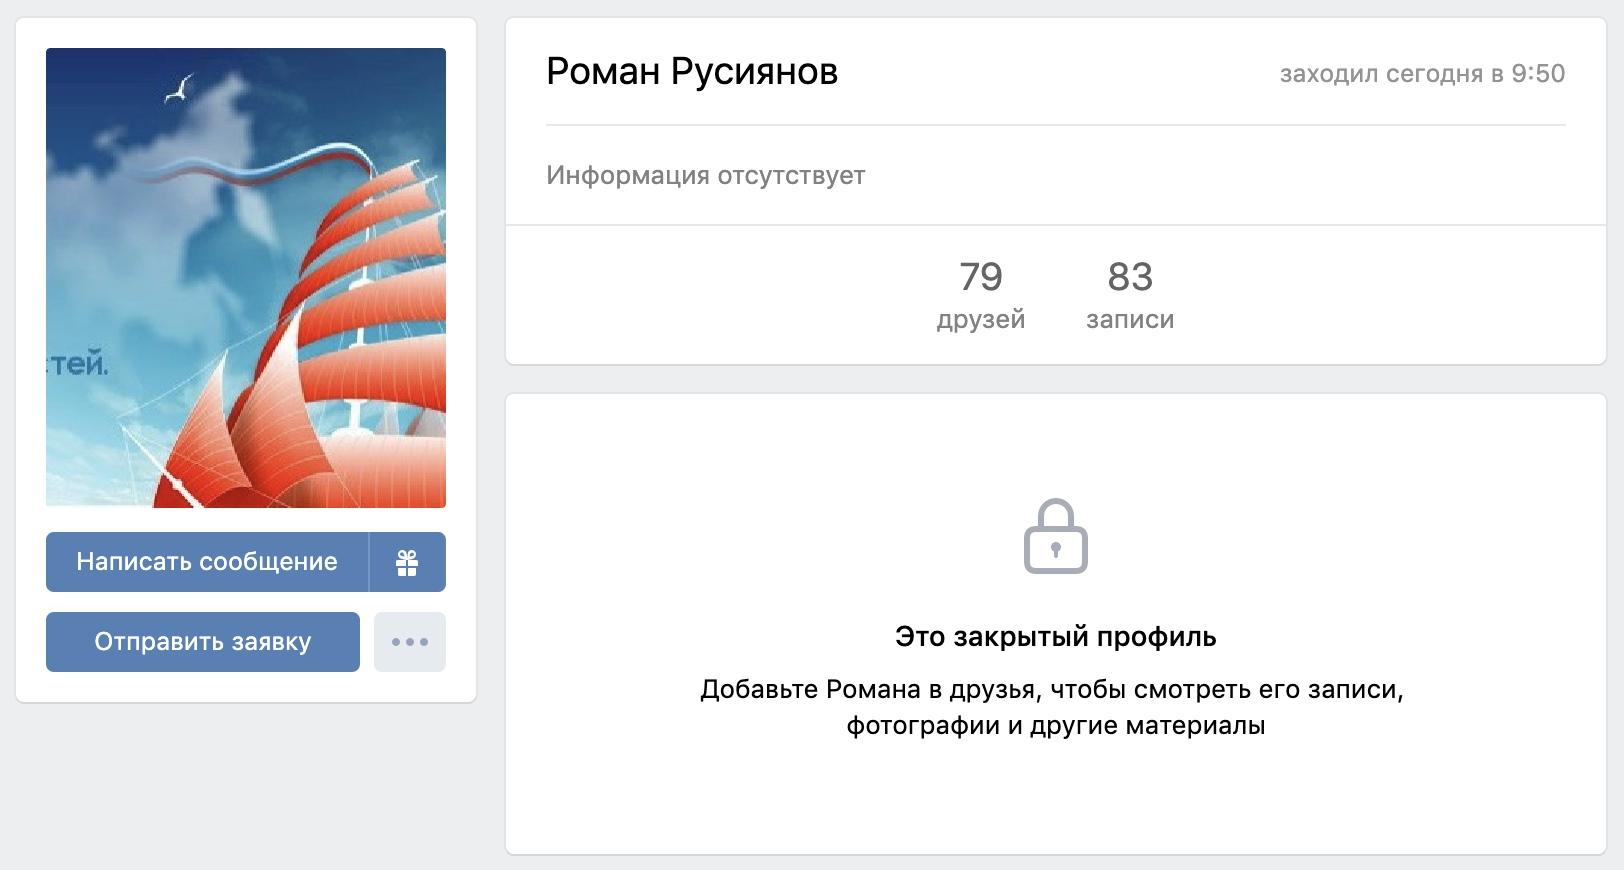 «Слава России» и её сквернословие, изображение №8